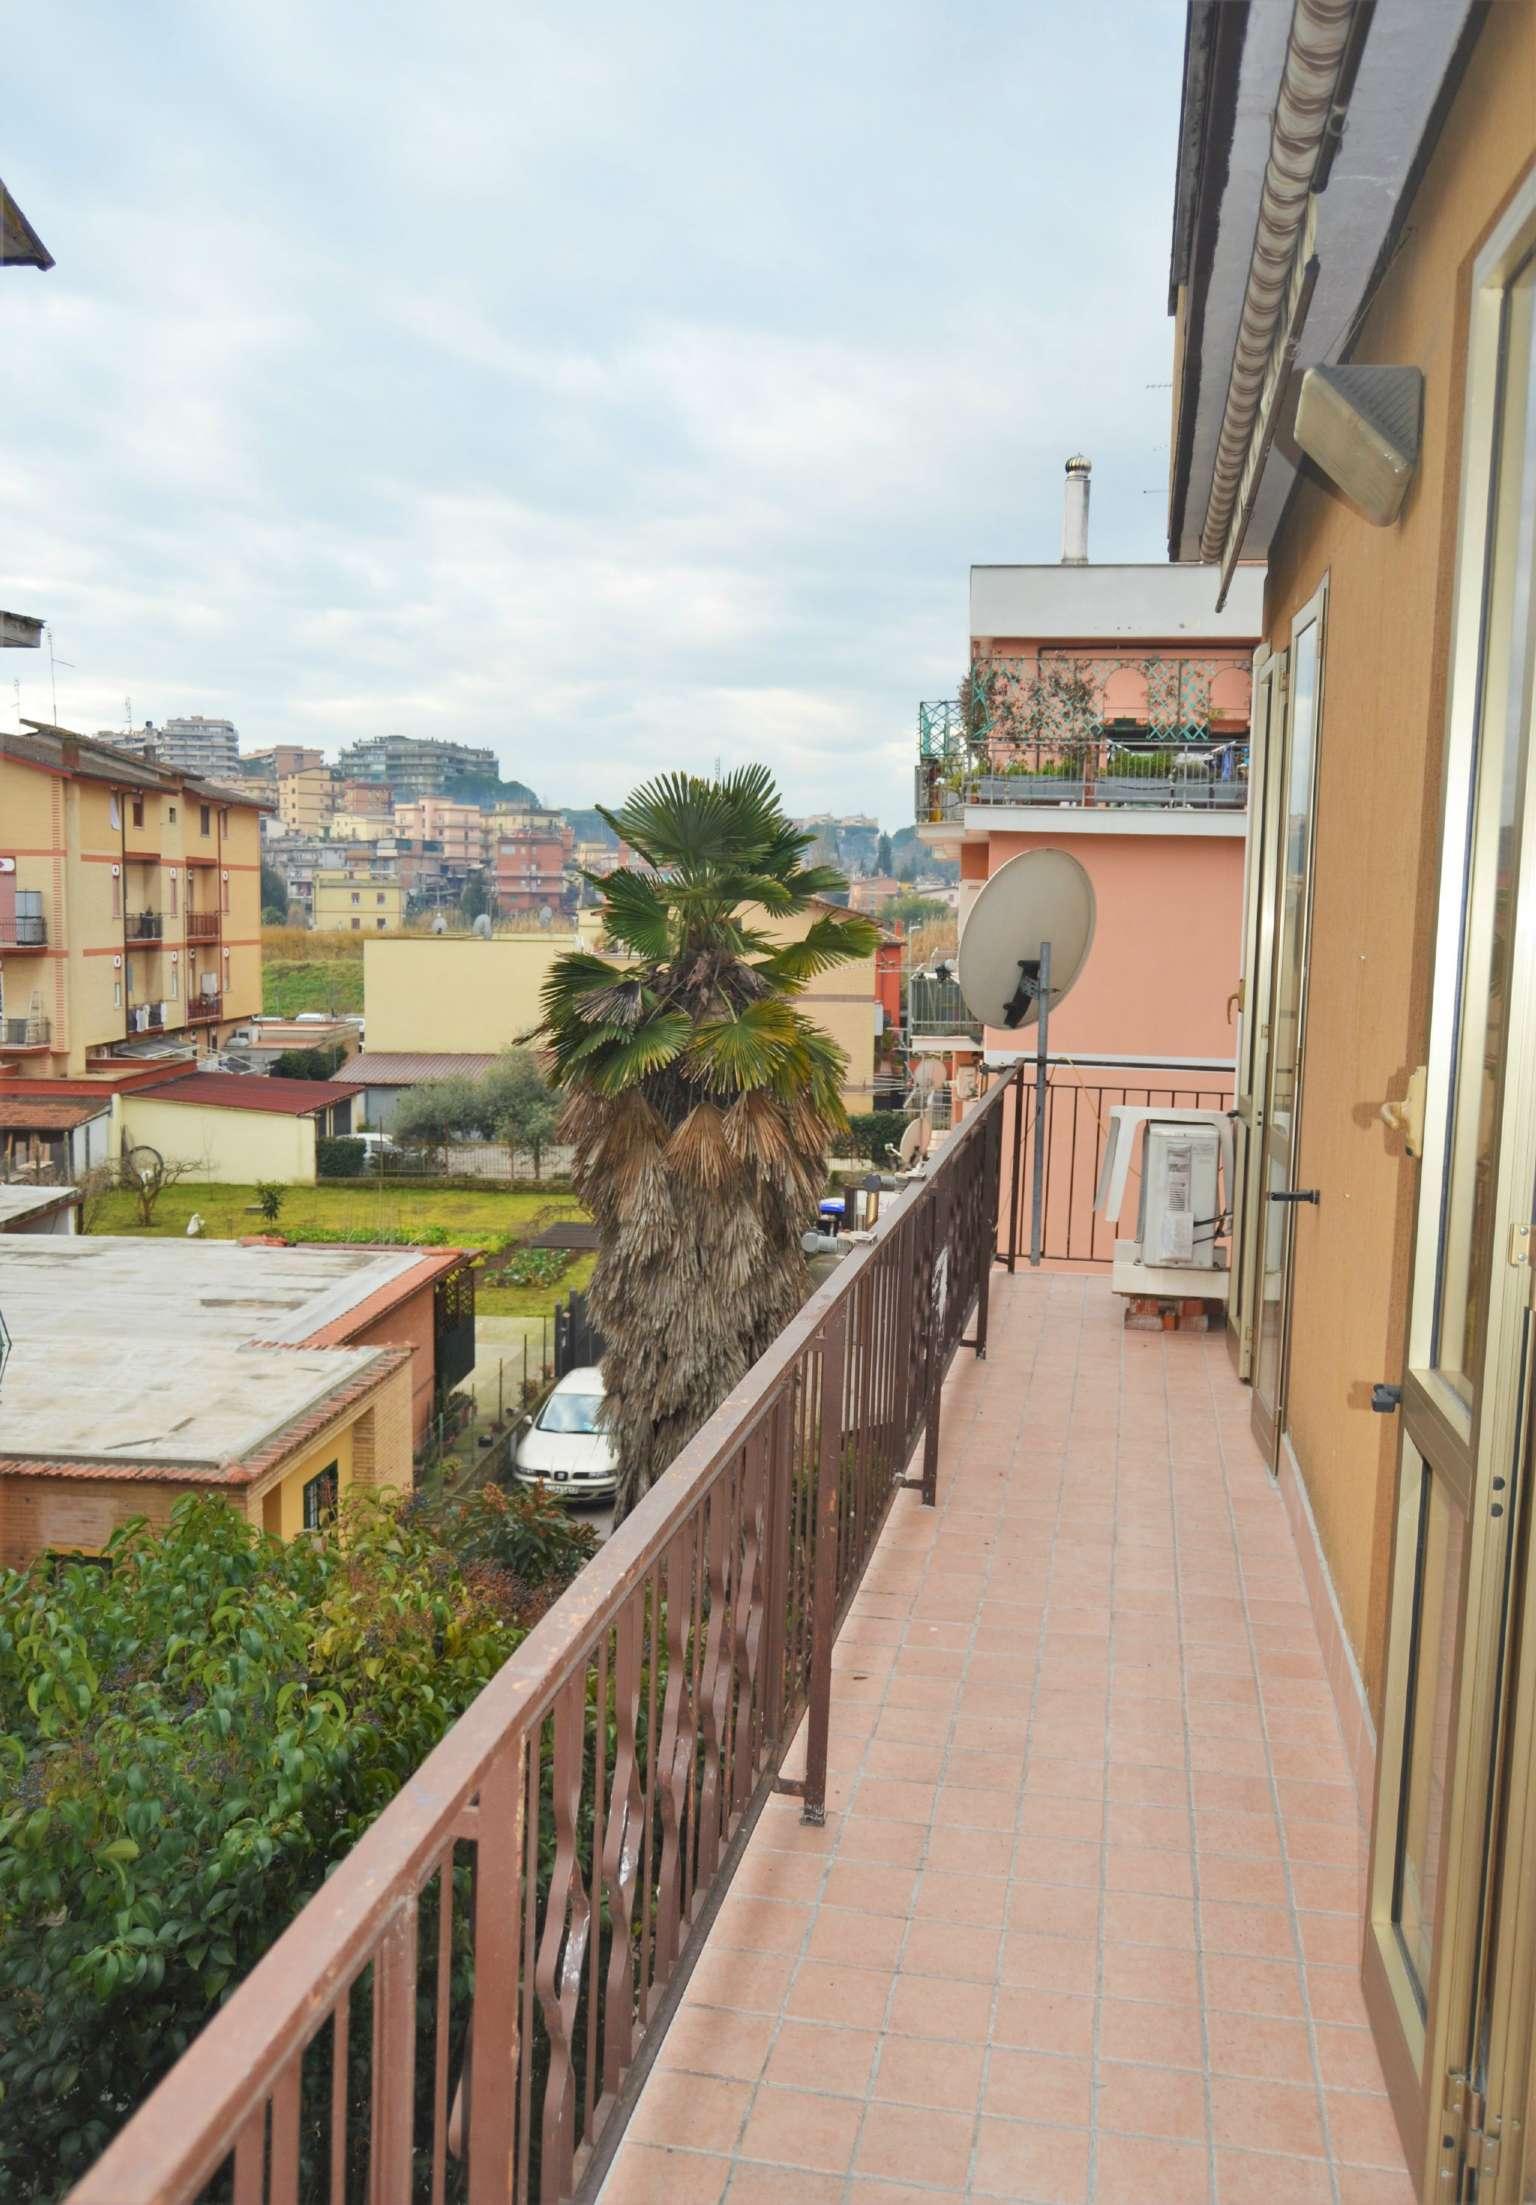 Appartamento in vendita a Roma, 3 locali, zona Zona: 33 . Quarto Casale, Labaro, Valle Muricana, Prima Porta, prezzo € 160.000 | CambioCasa.it